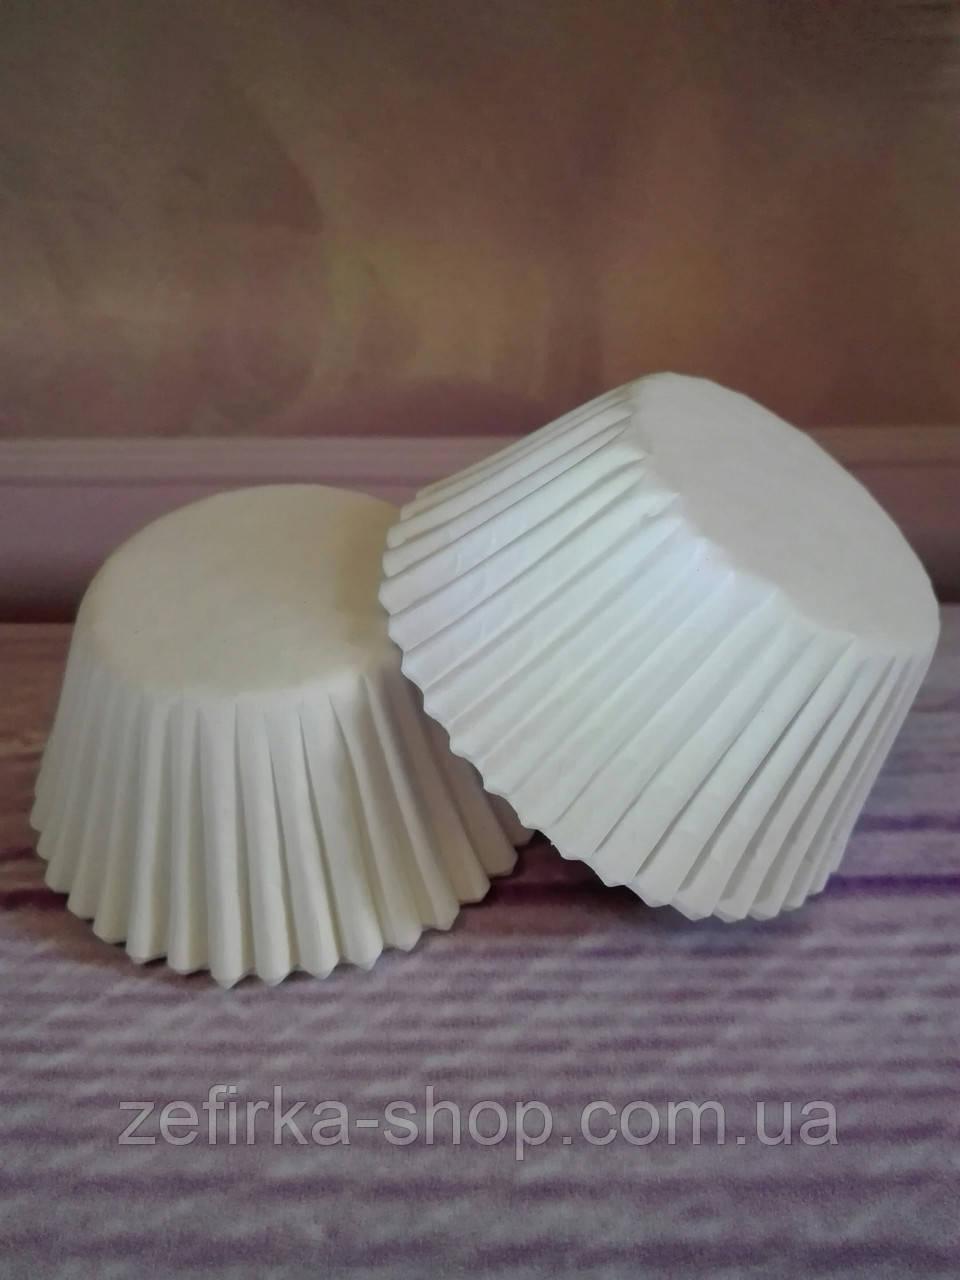 Бумажные формы для кексов белые, 50 шт